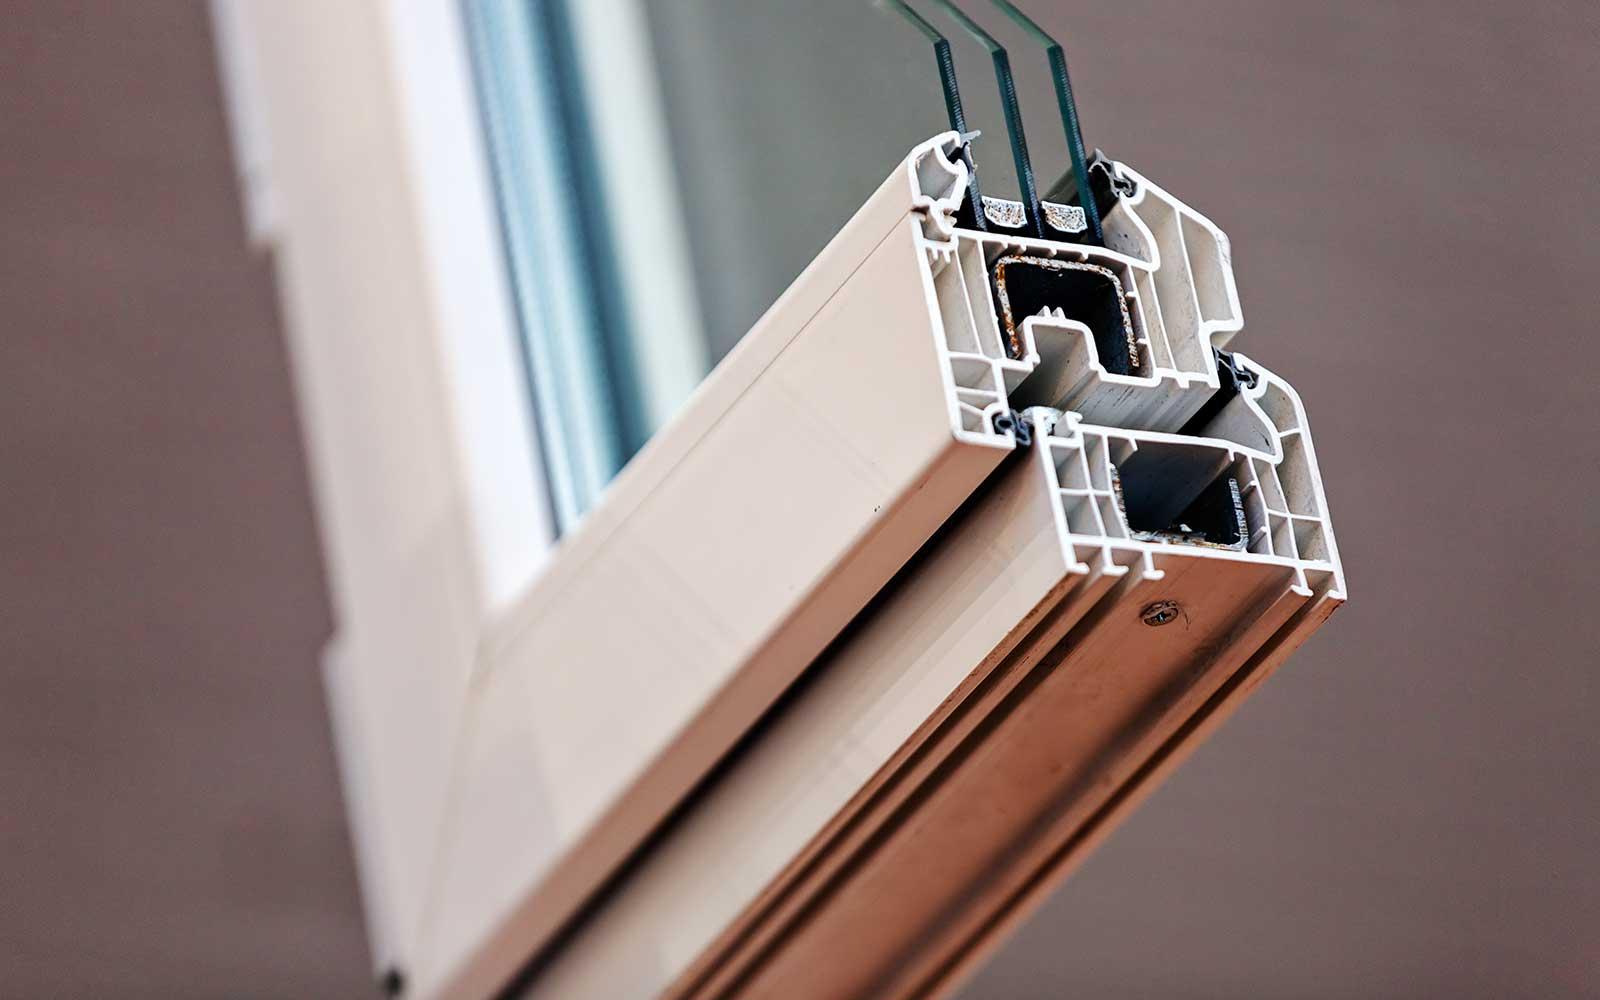 un angolo di una finestra in PVC di color bianco